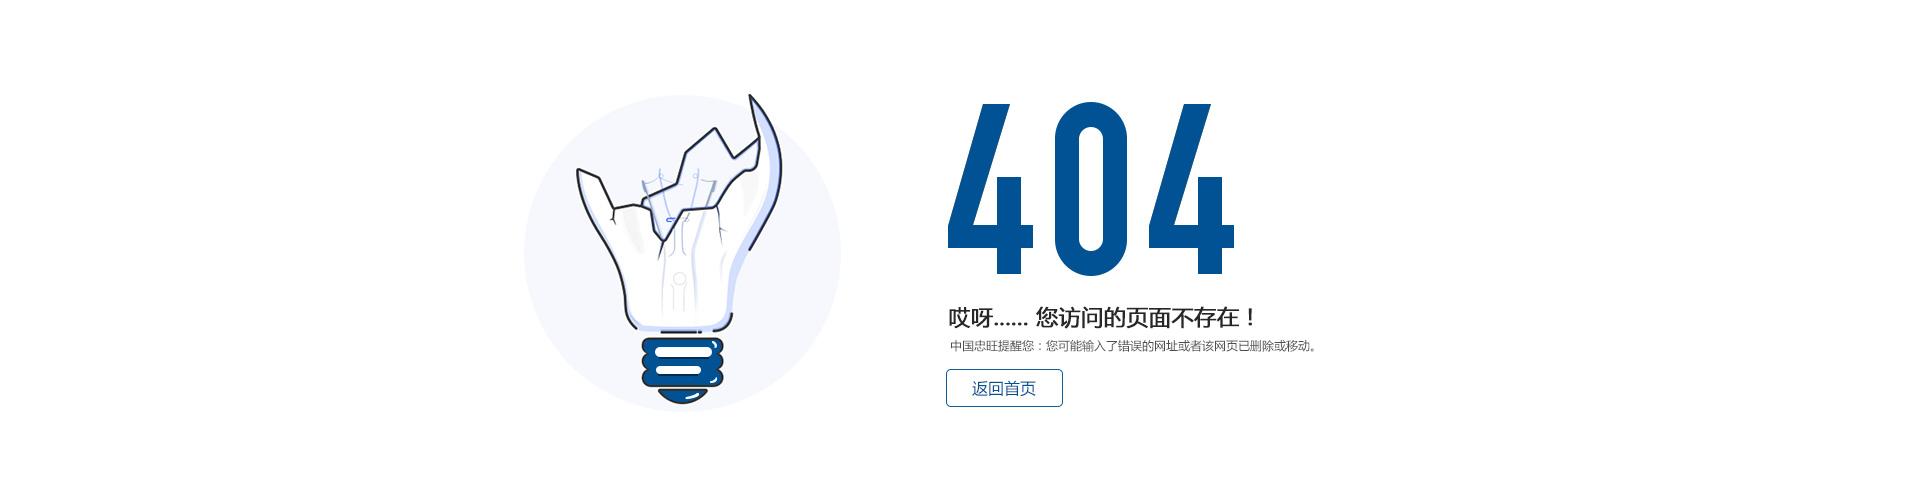 《彭博商業周刊/中文版》 – 年度上市企業2018